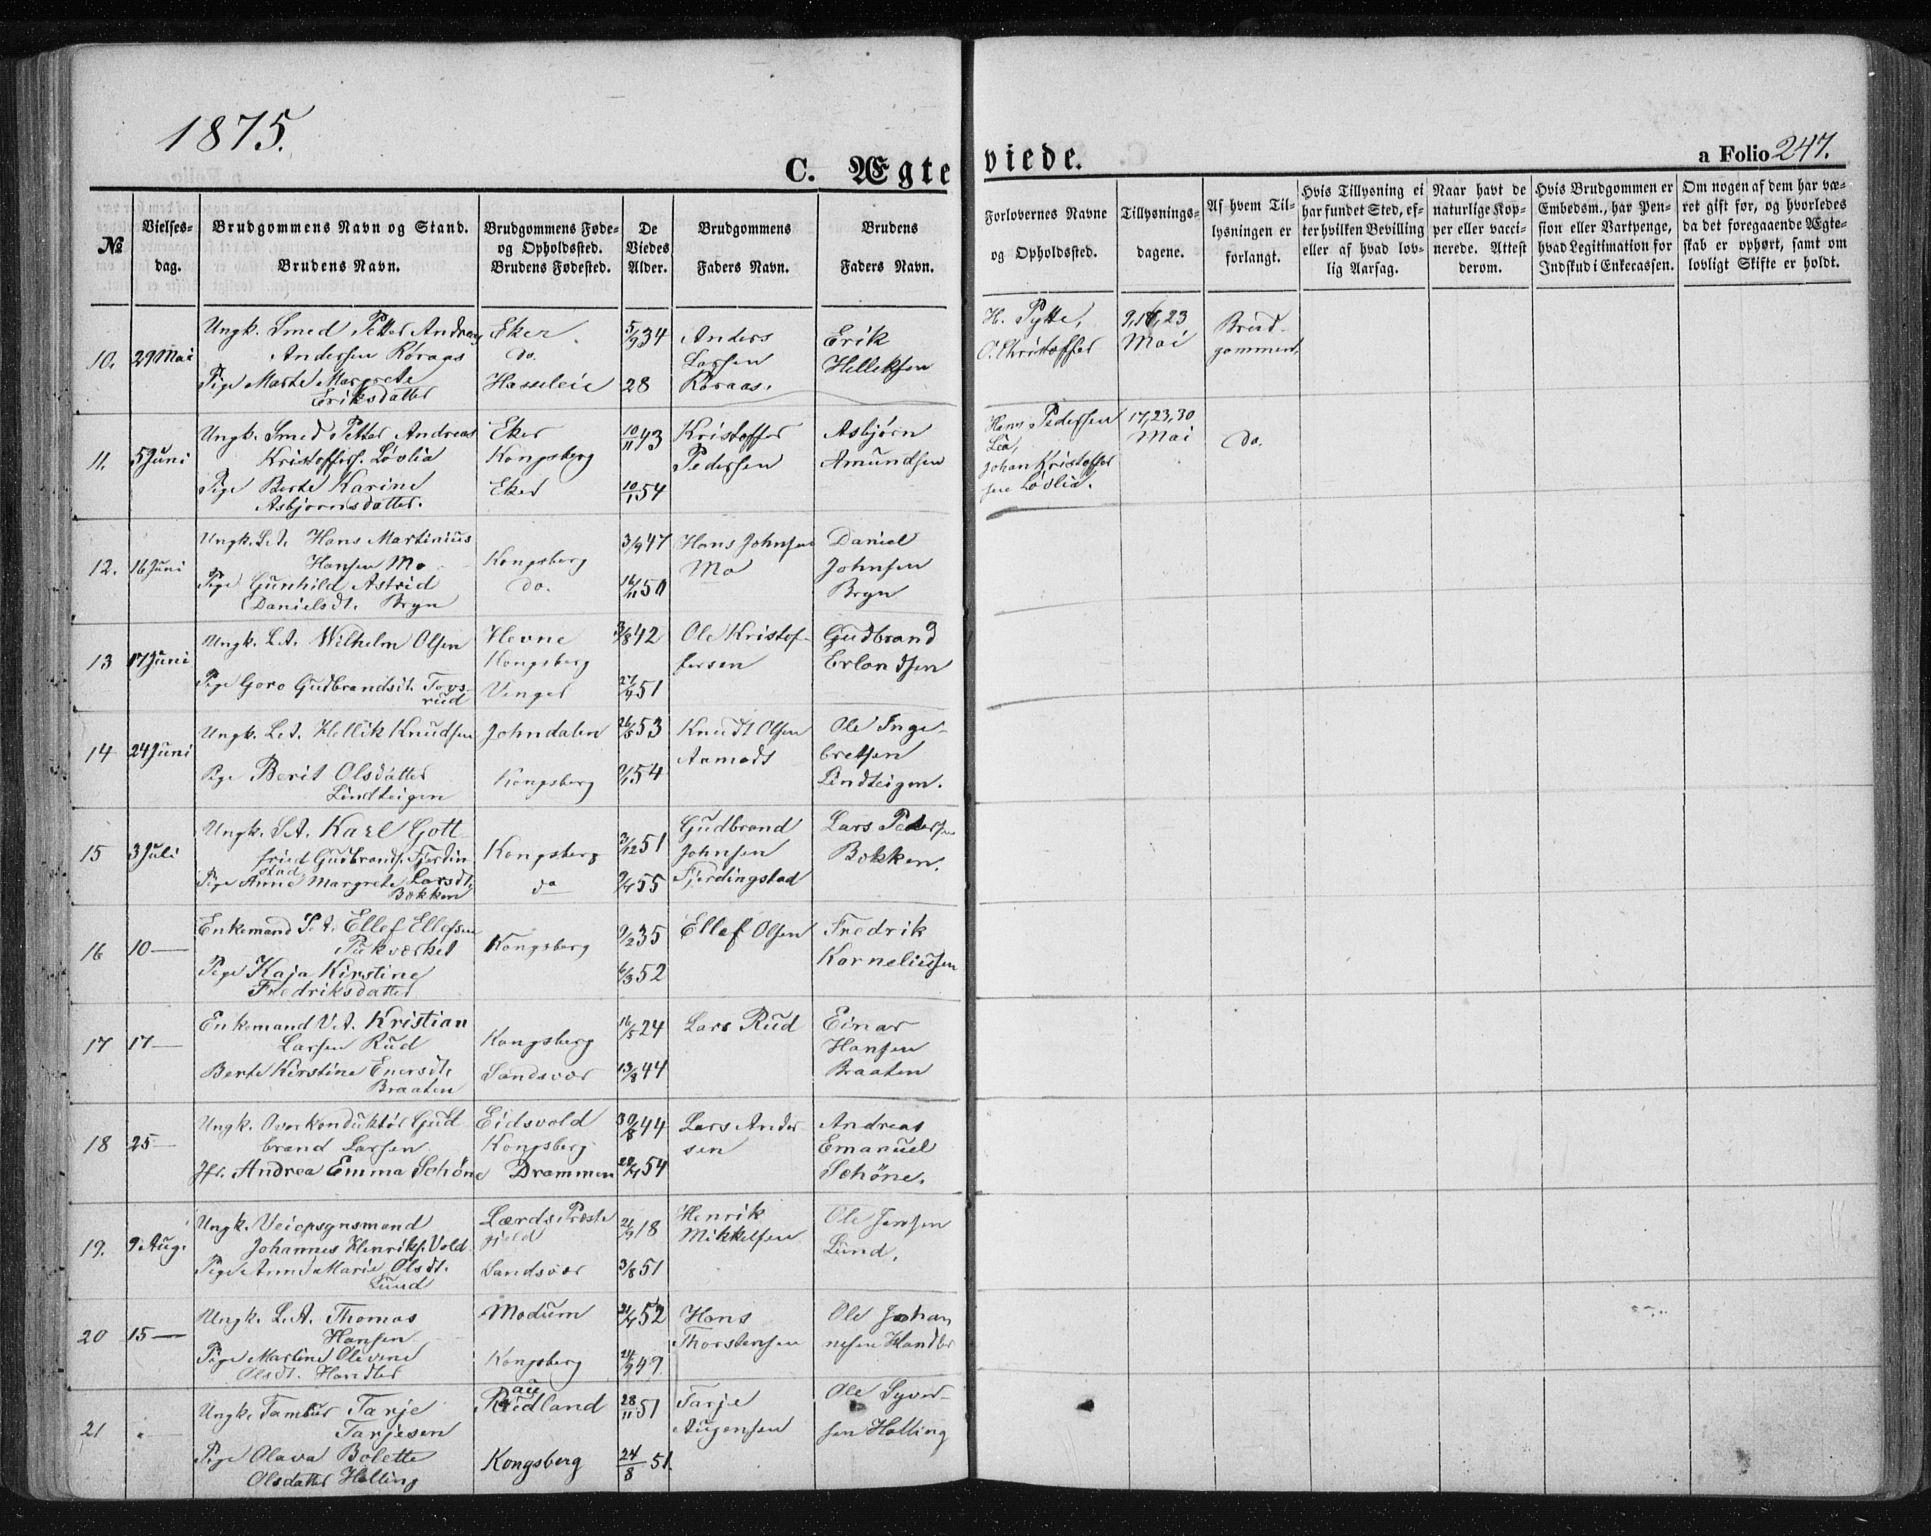 SAKO, Kongsberg kirkebøker, F/Fa/L0010: Ministerialbok nr. I 10, 1859-1875, s. 247